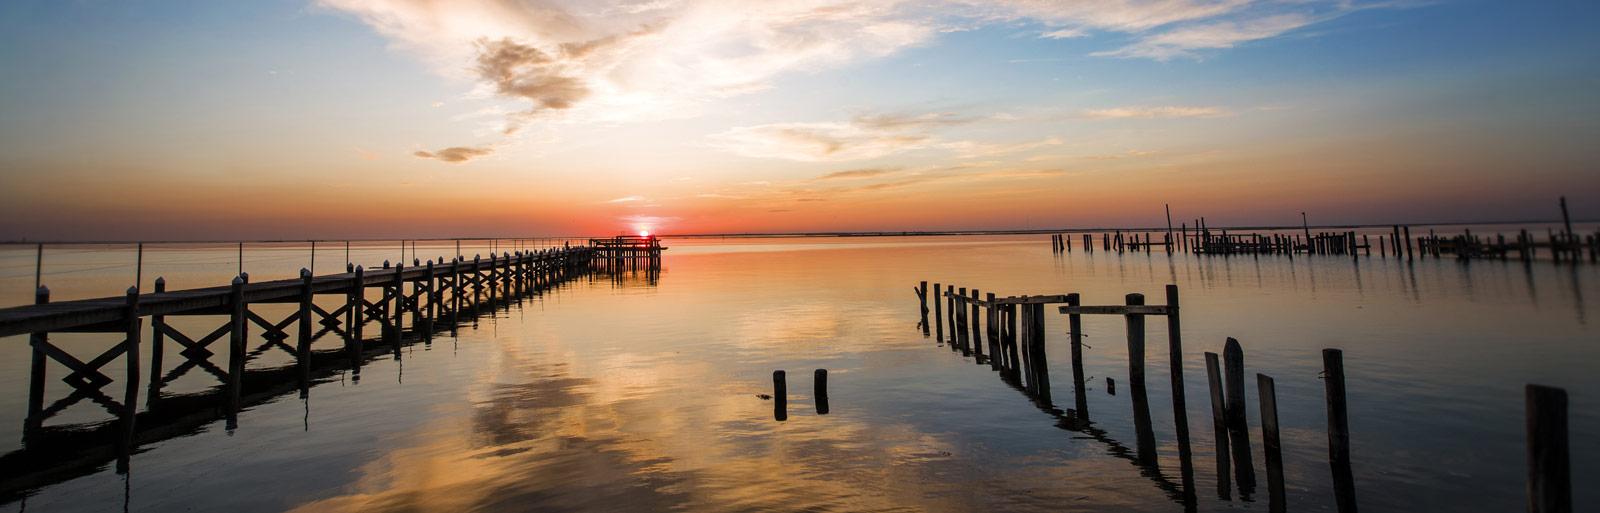 long beach island pier sunset